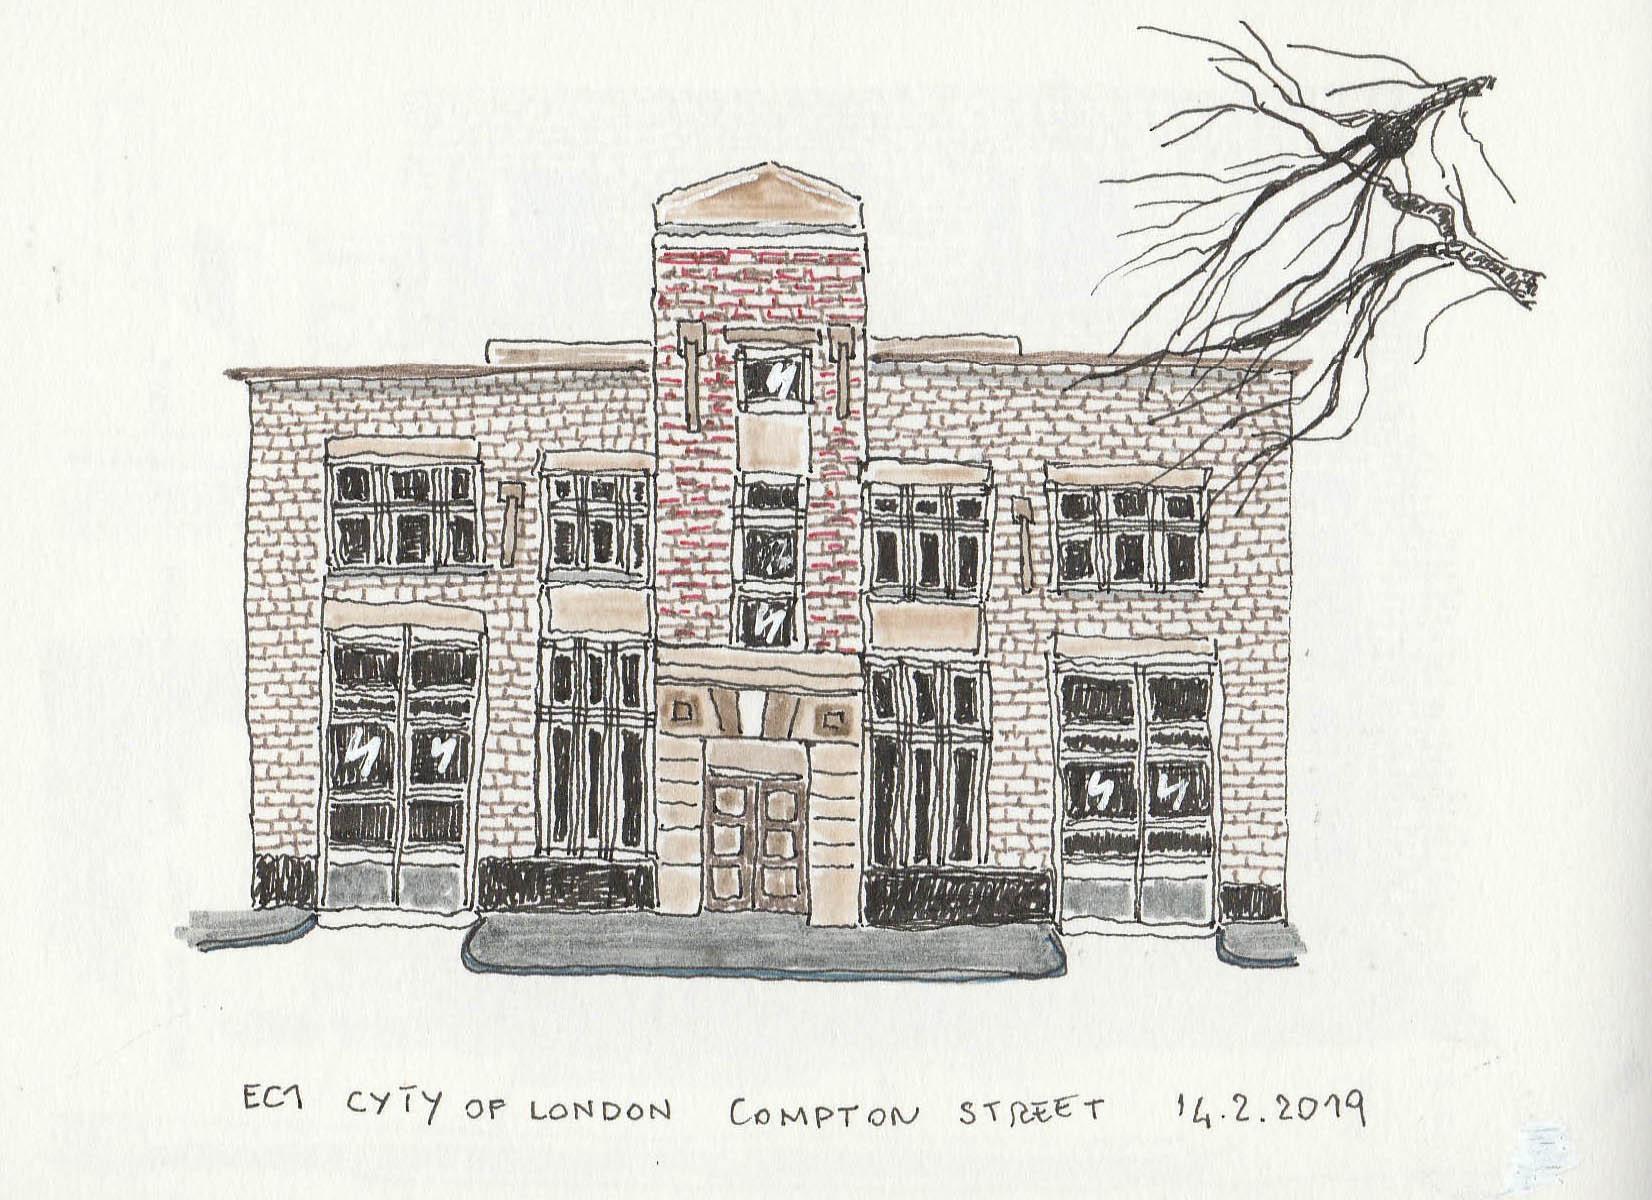 Compton Street  EC1